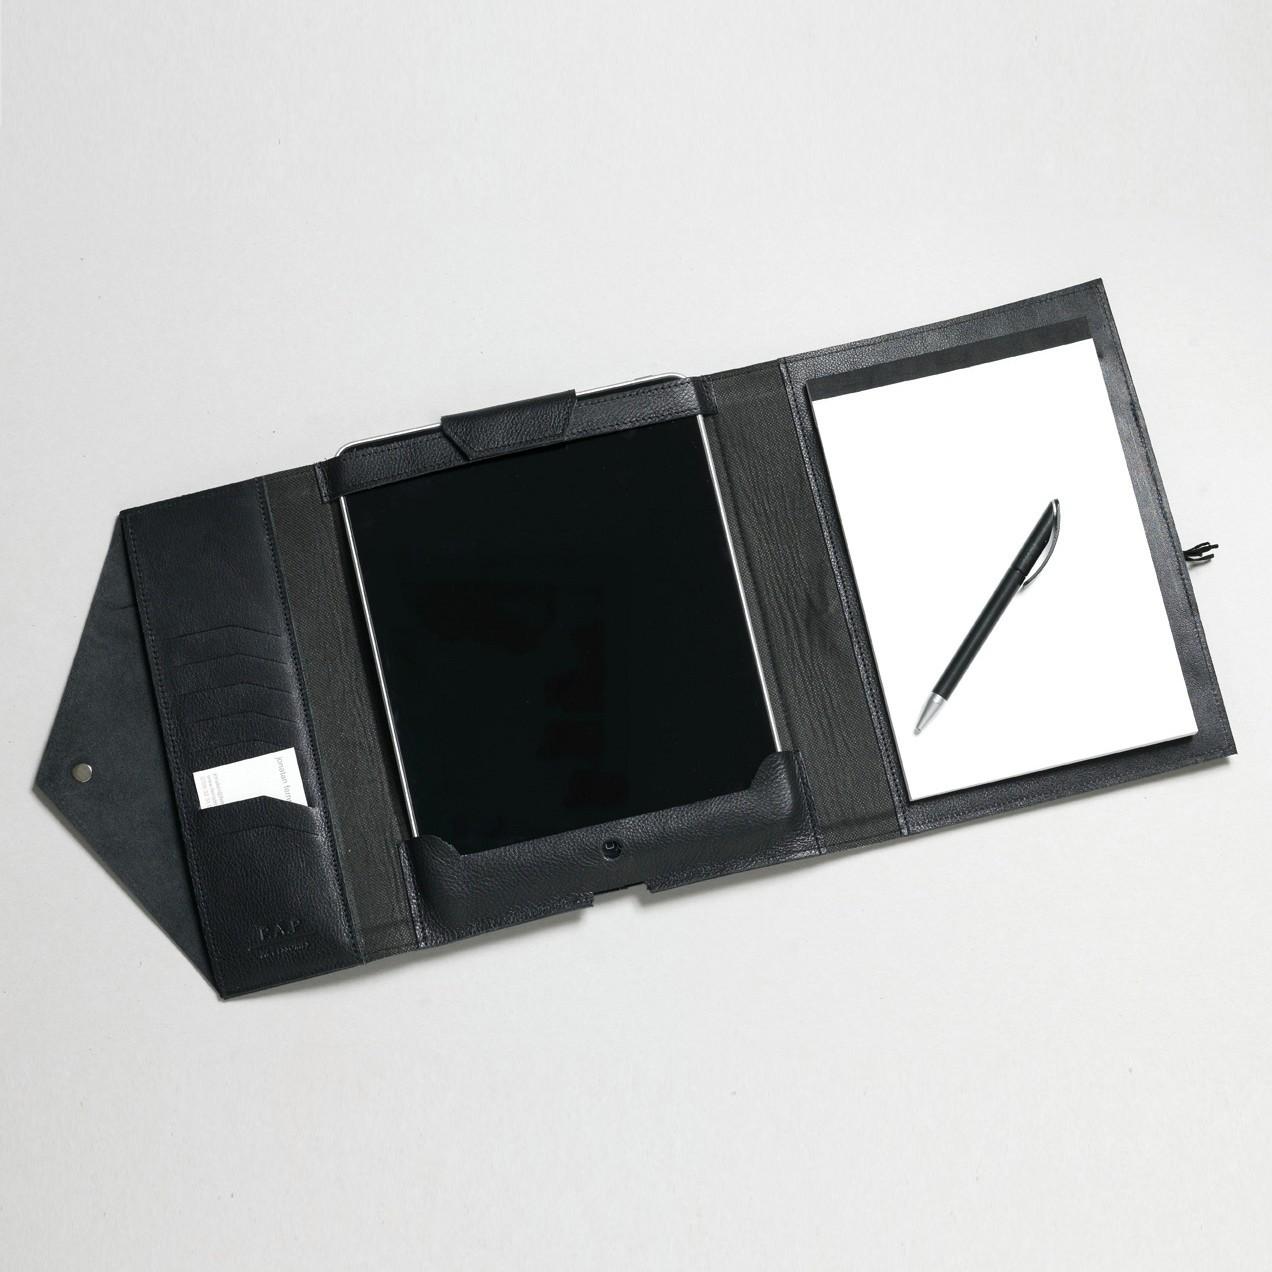 how to create a folder on an ipad 2